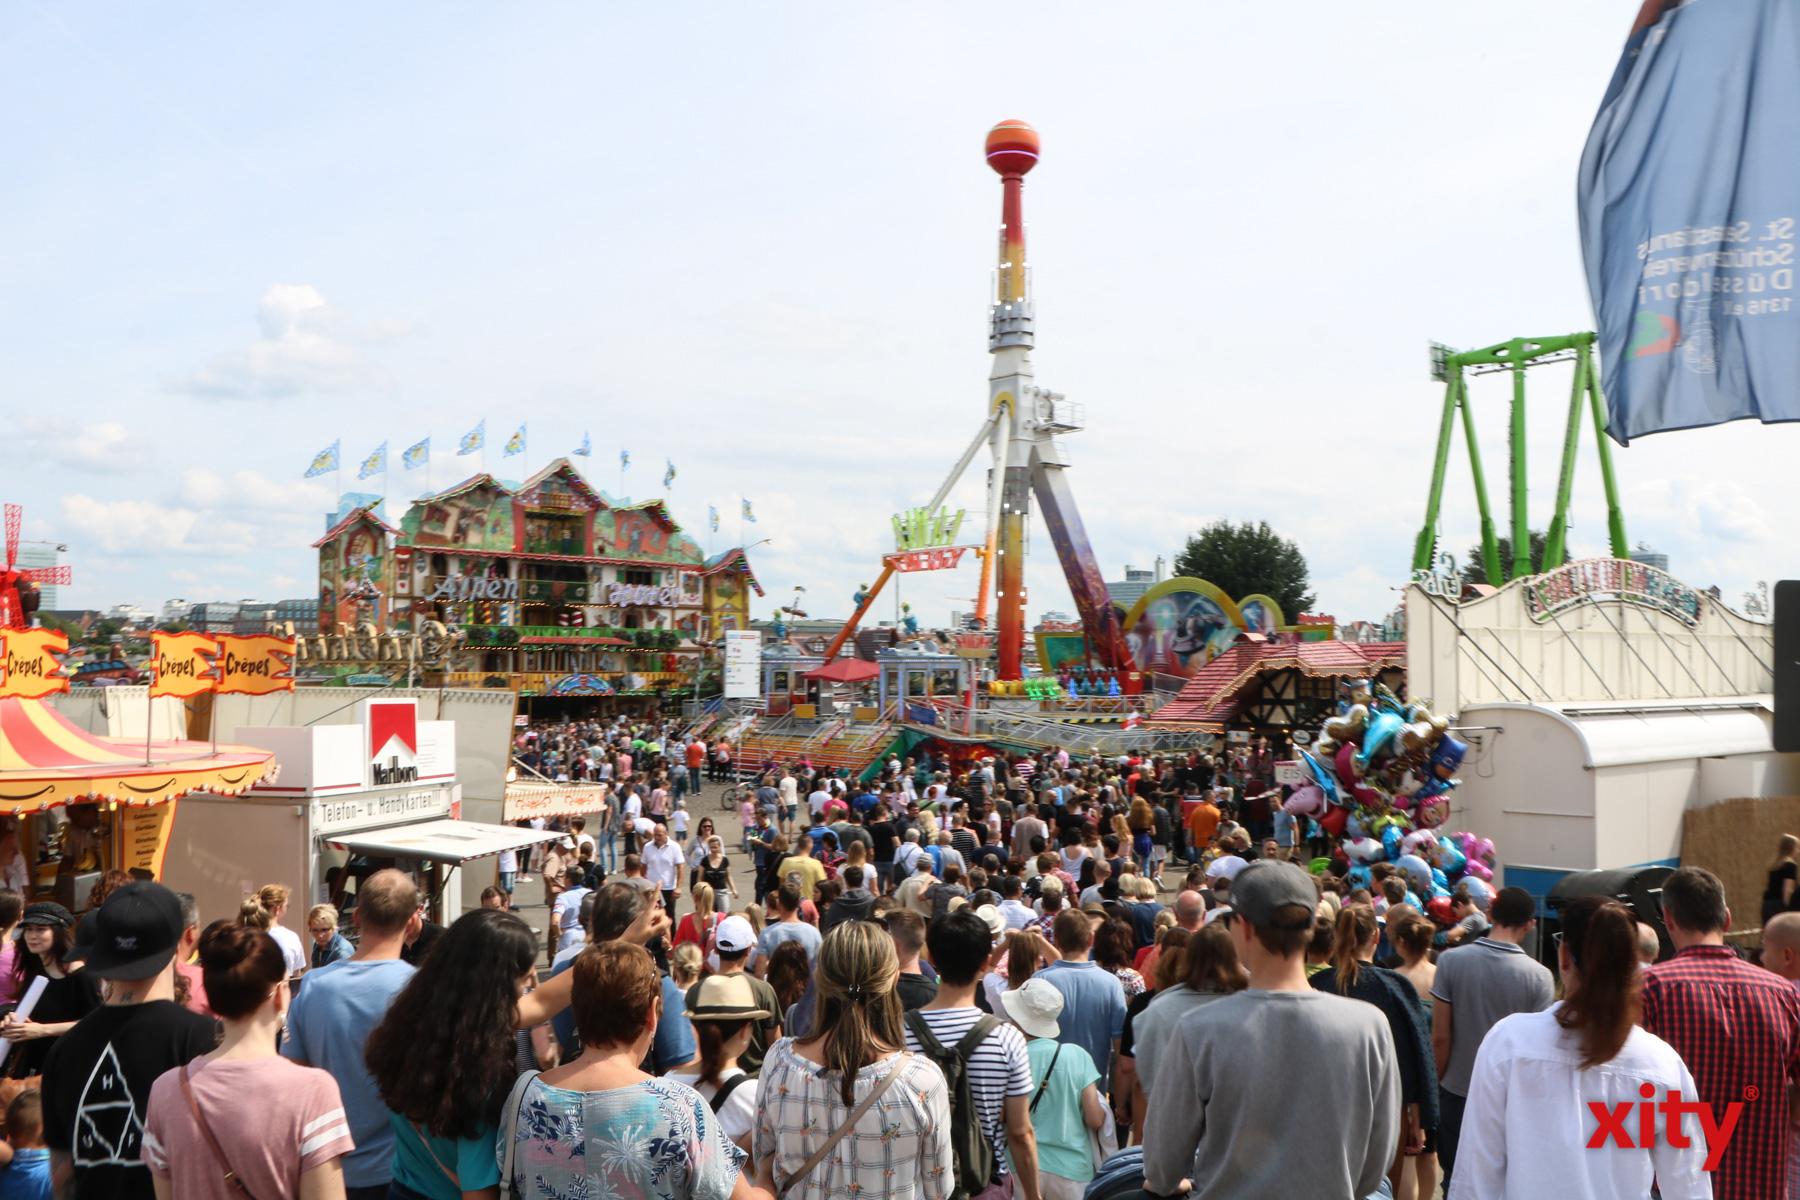 Die Größte Kirmes am Rhein zog in diesem Jahr rund 3,9 Millionen Besucher an. (Foto: xity)